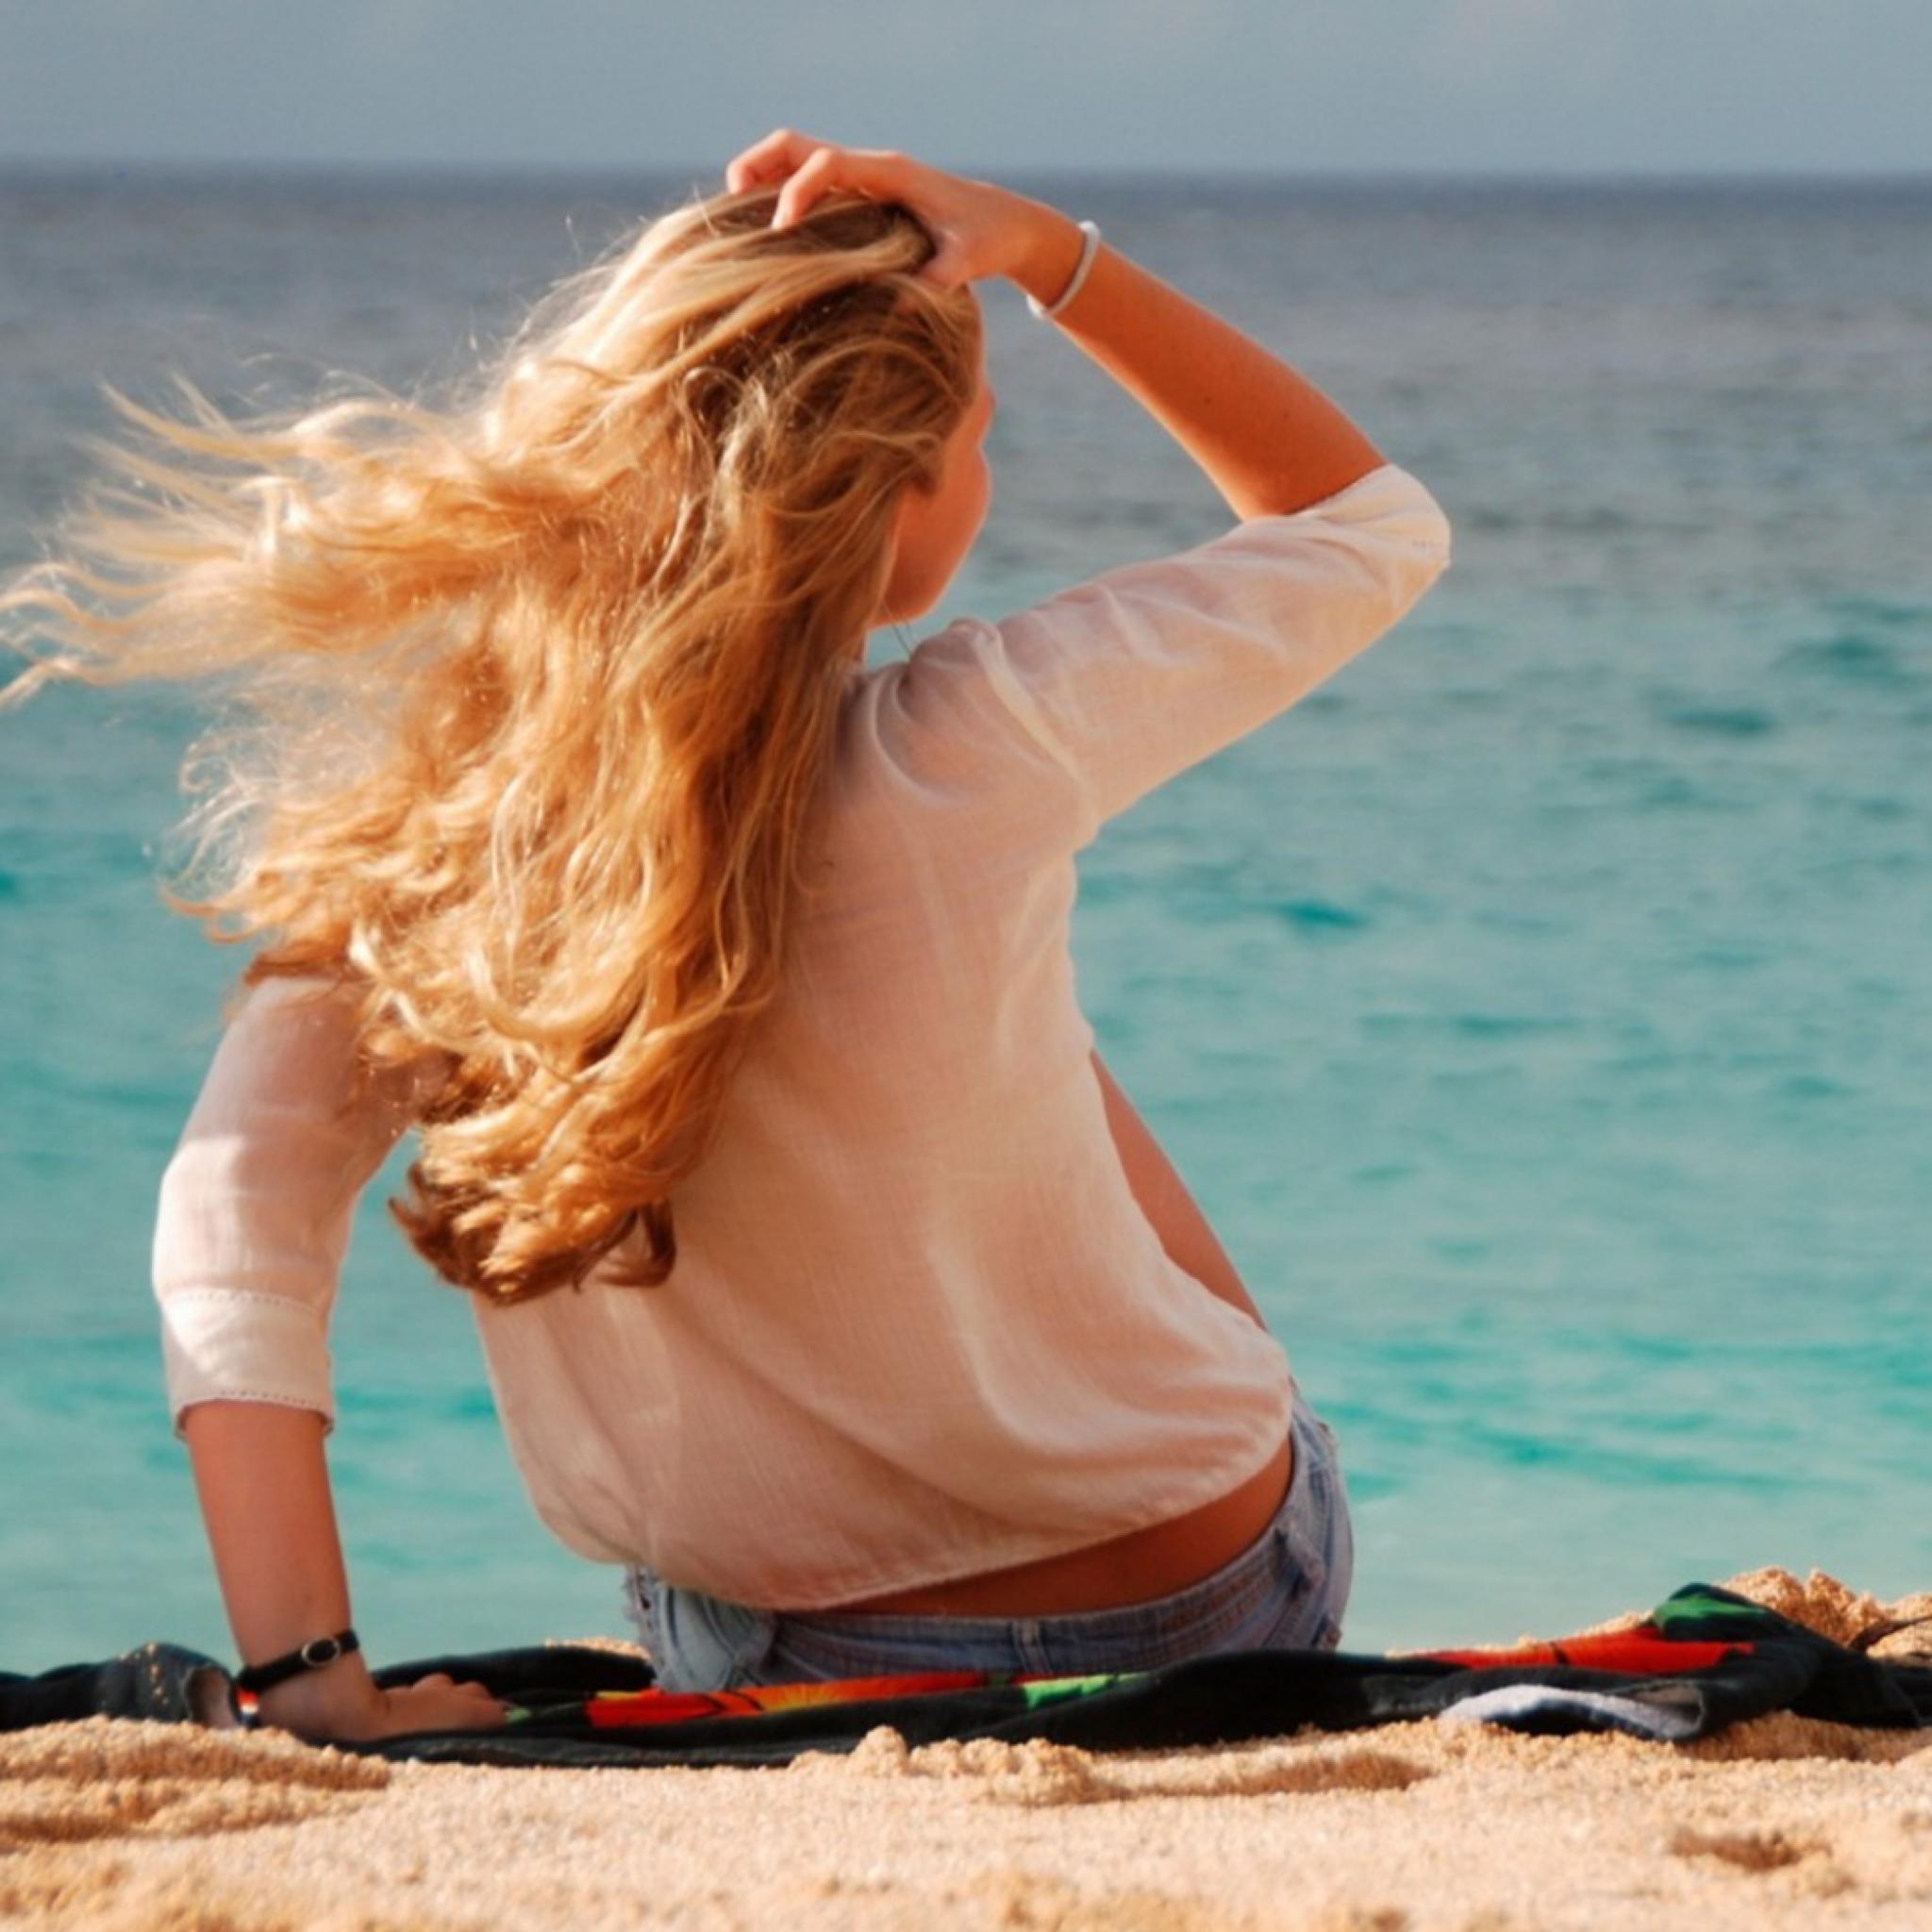 Картинки блондинок спиной на море